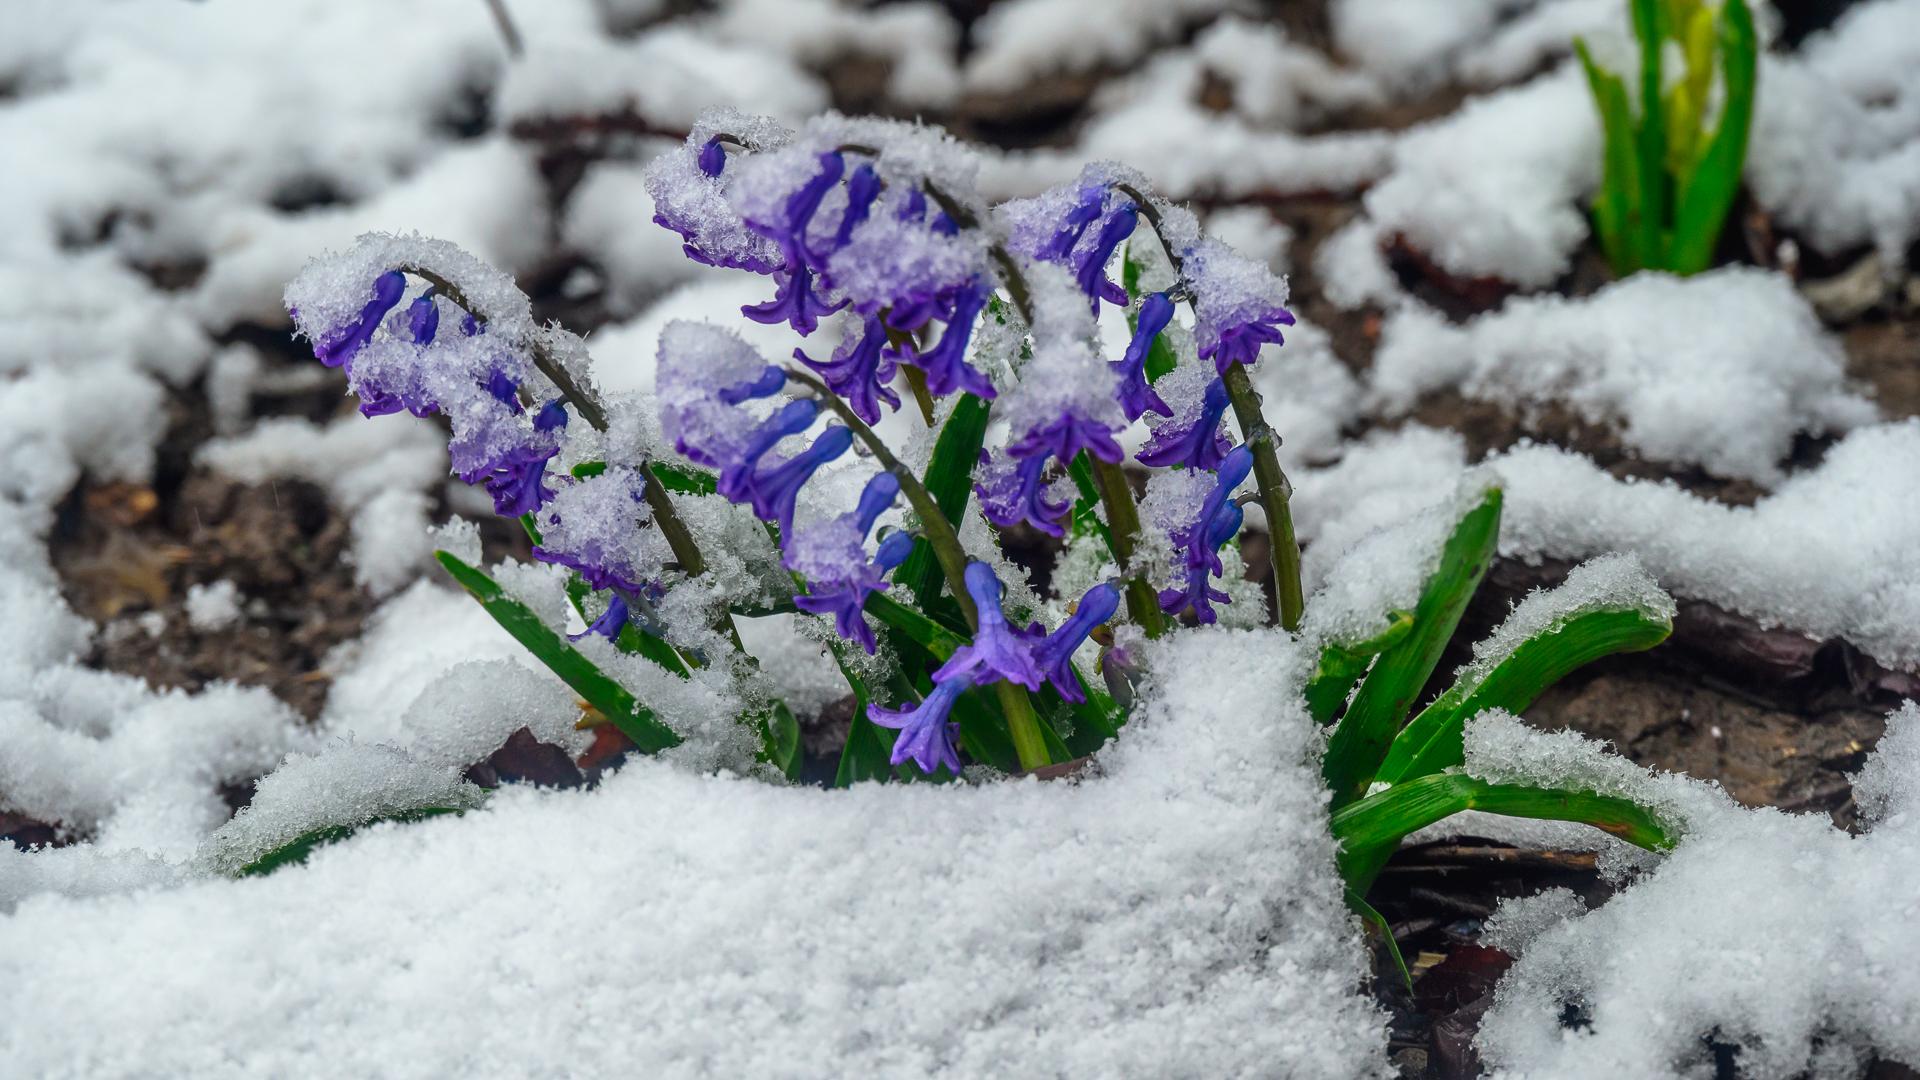 Снежко затрупа всичко навън | Author Milen Mladenov - resco | PHOTO FORUM